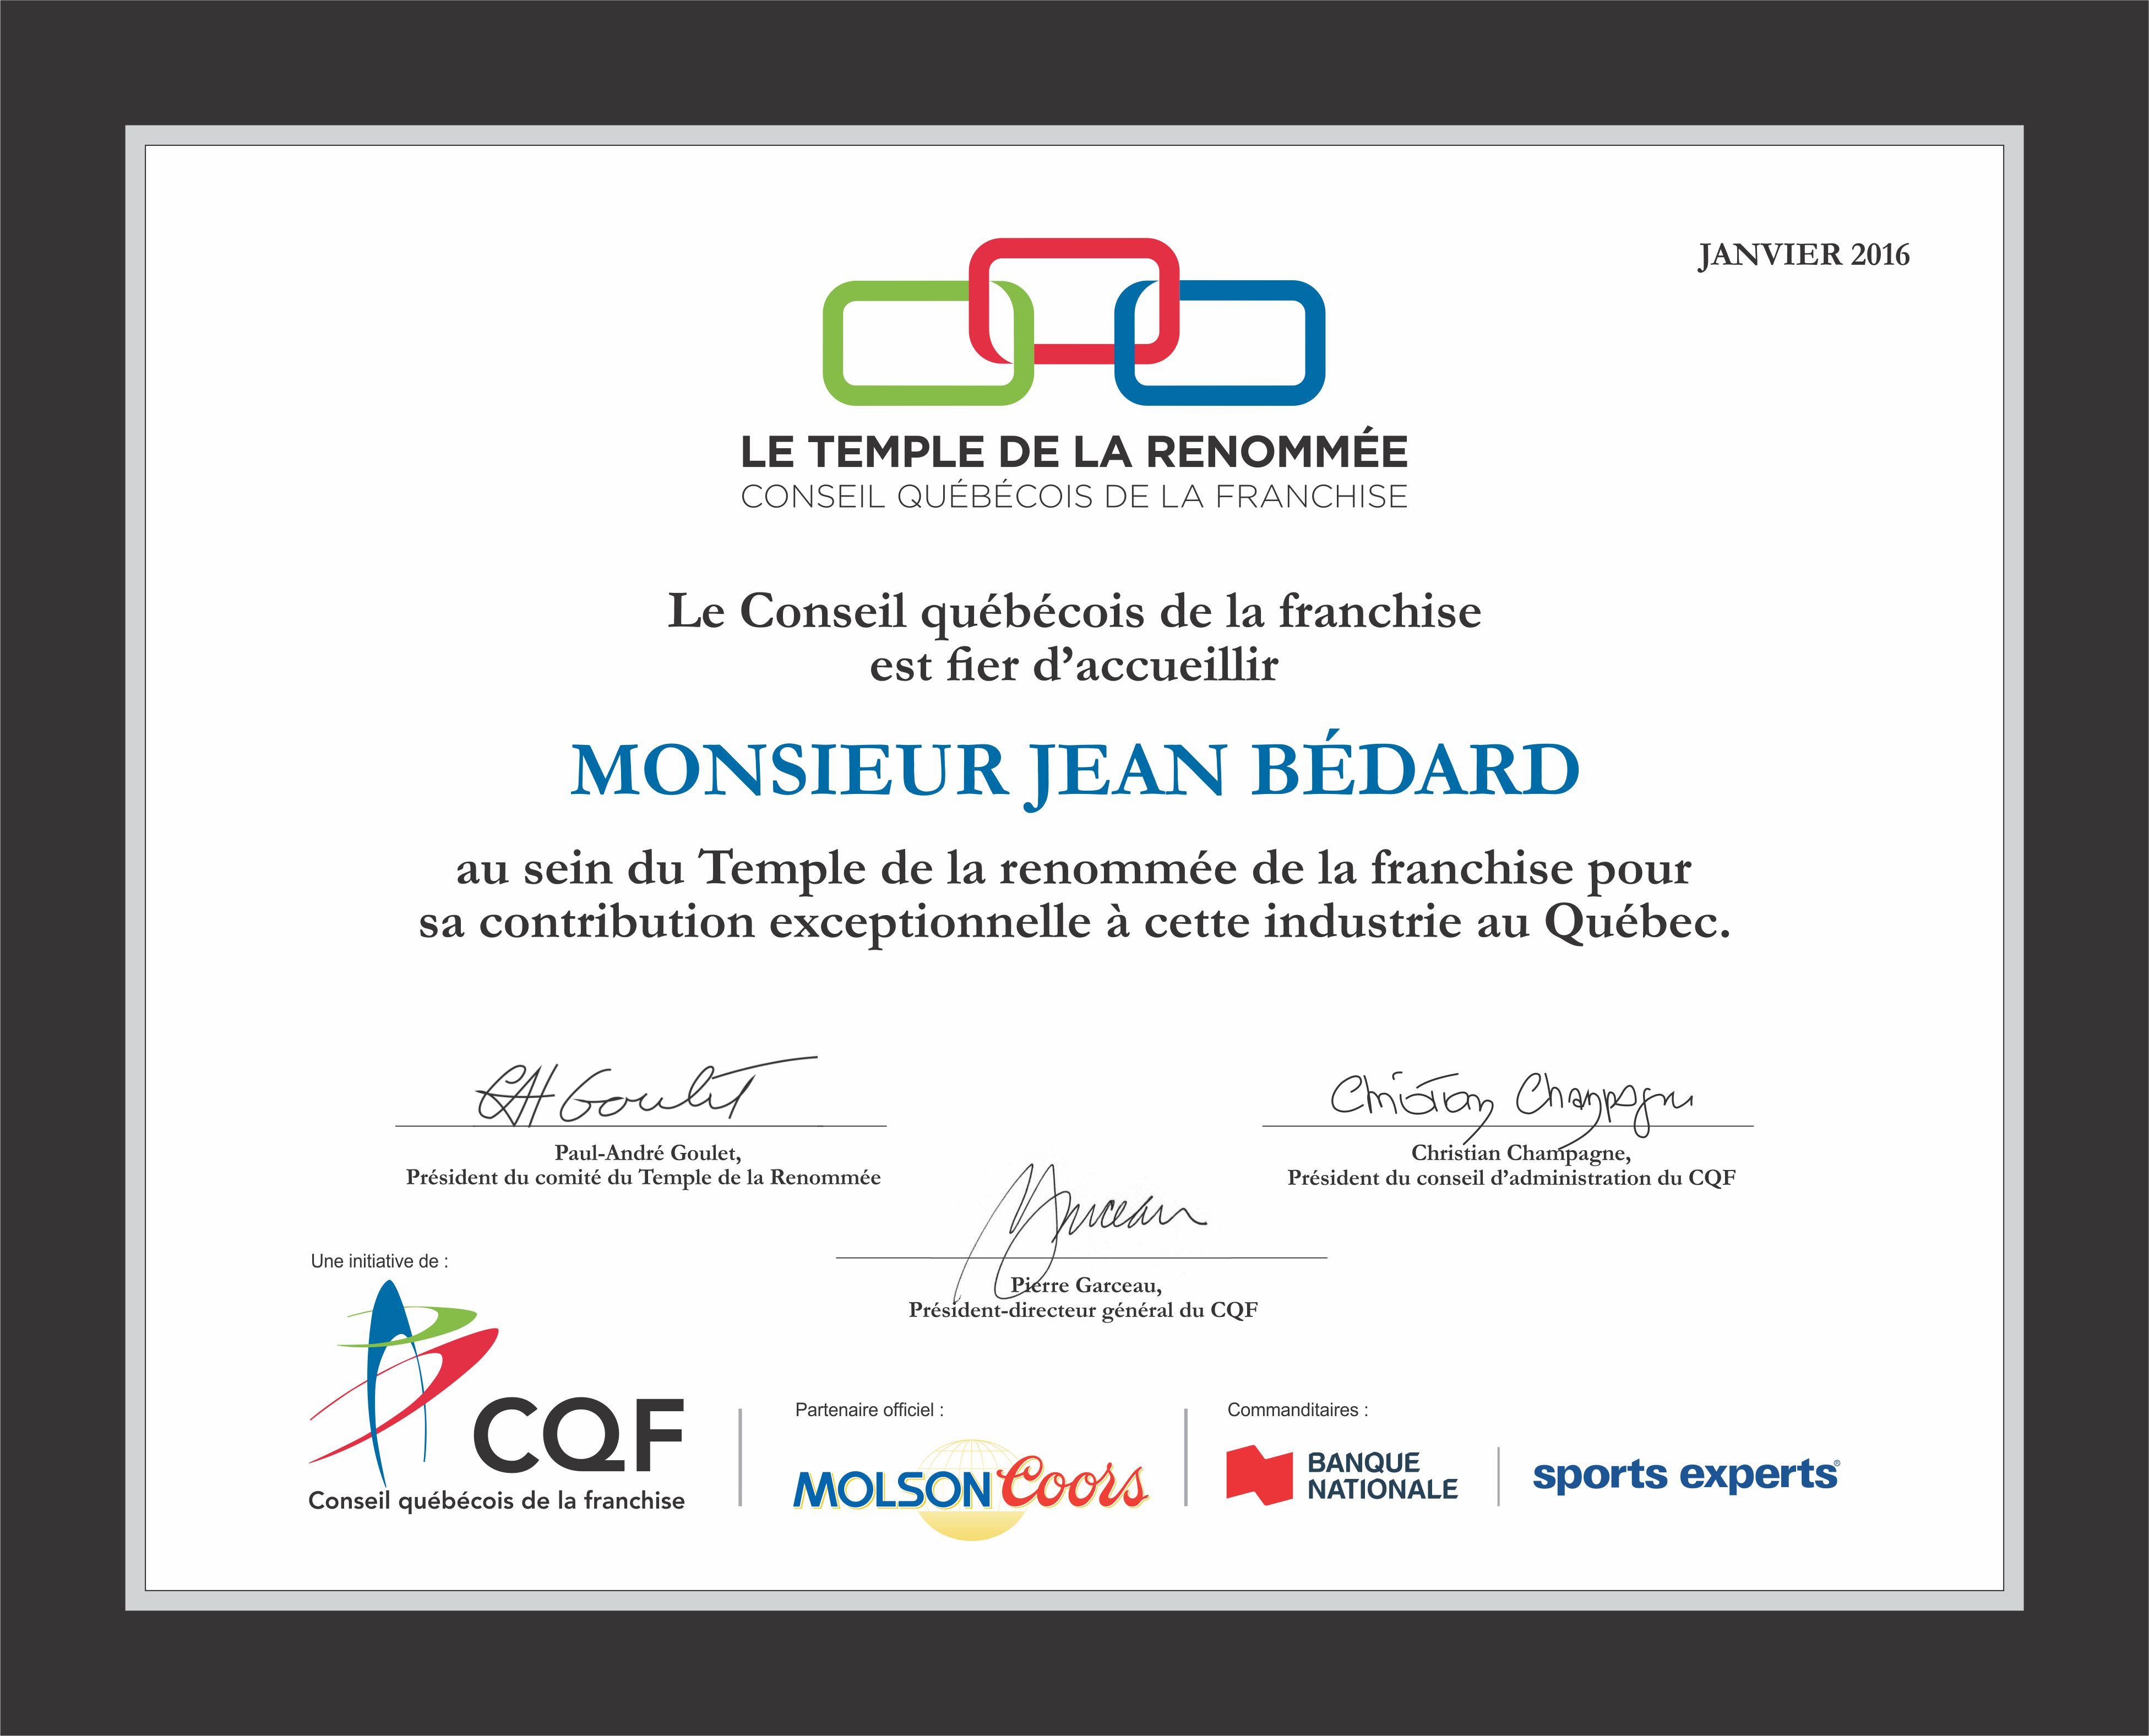 CQF J BEDARD